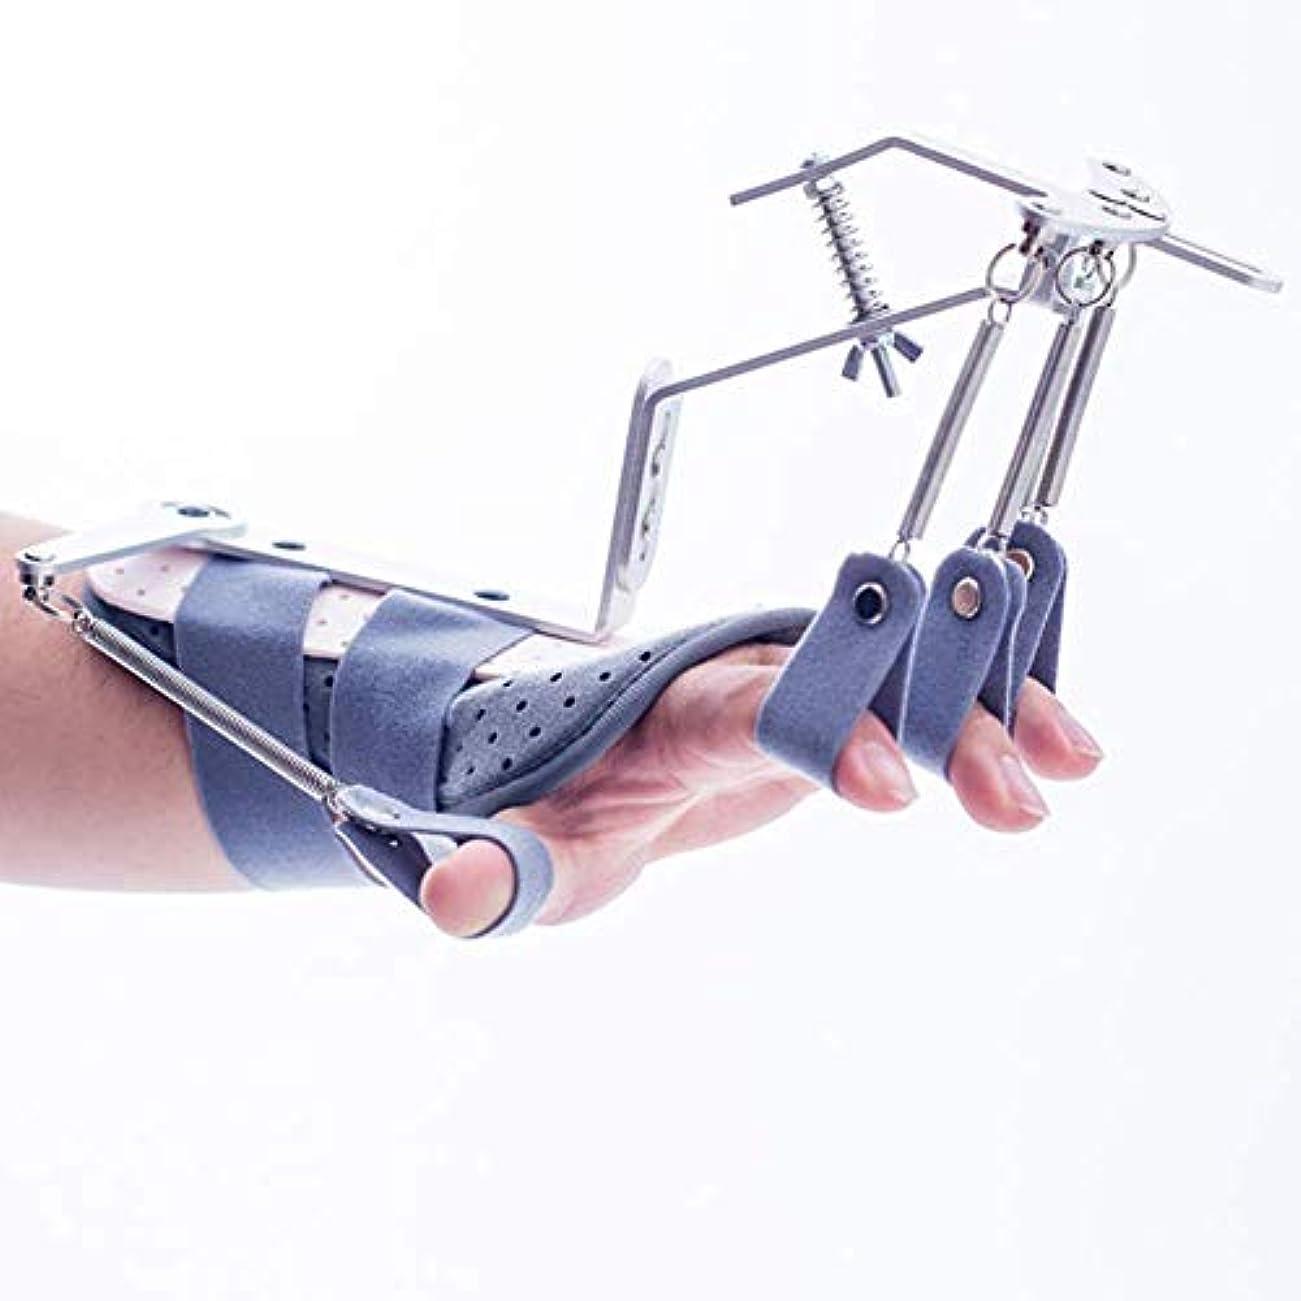 入場料前文うねる指の損傷のサポート、指の副木サポート、手首、手首の親指装具サポート、リハビリテーショントレーニング